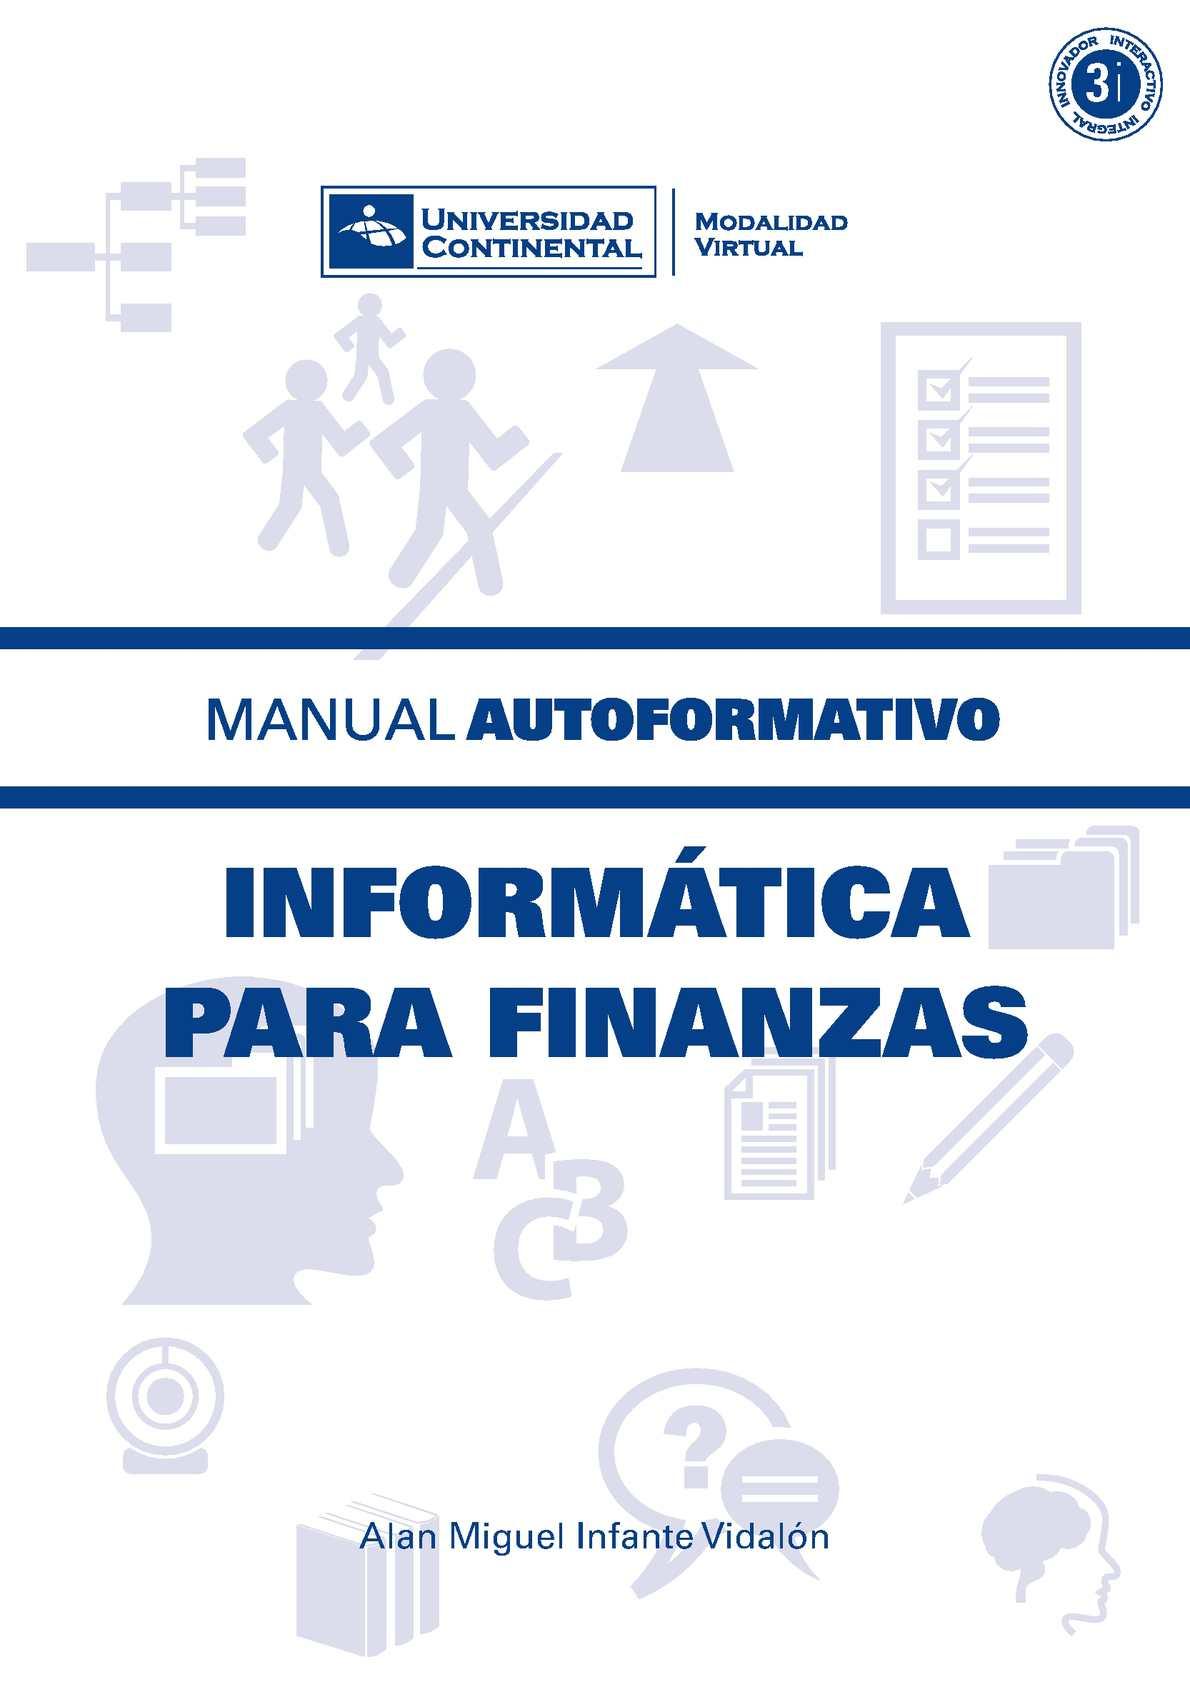 Calaméo - A0936 MA Informatica Para Finanzas ED1 V1 2014